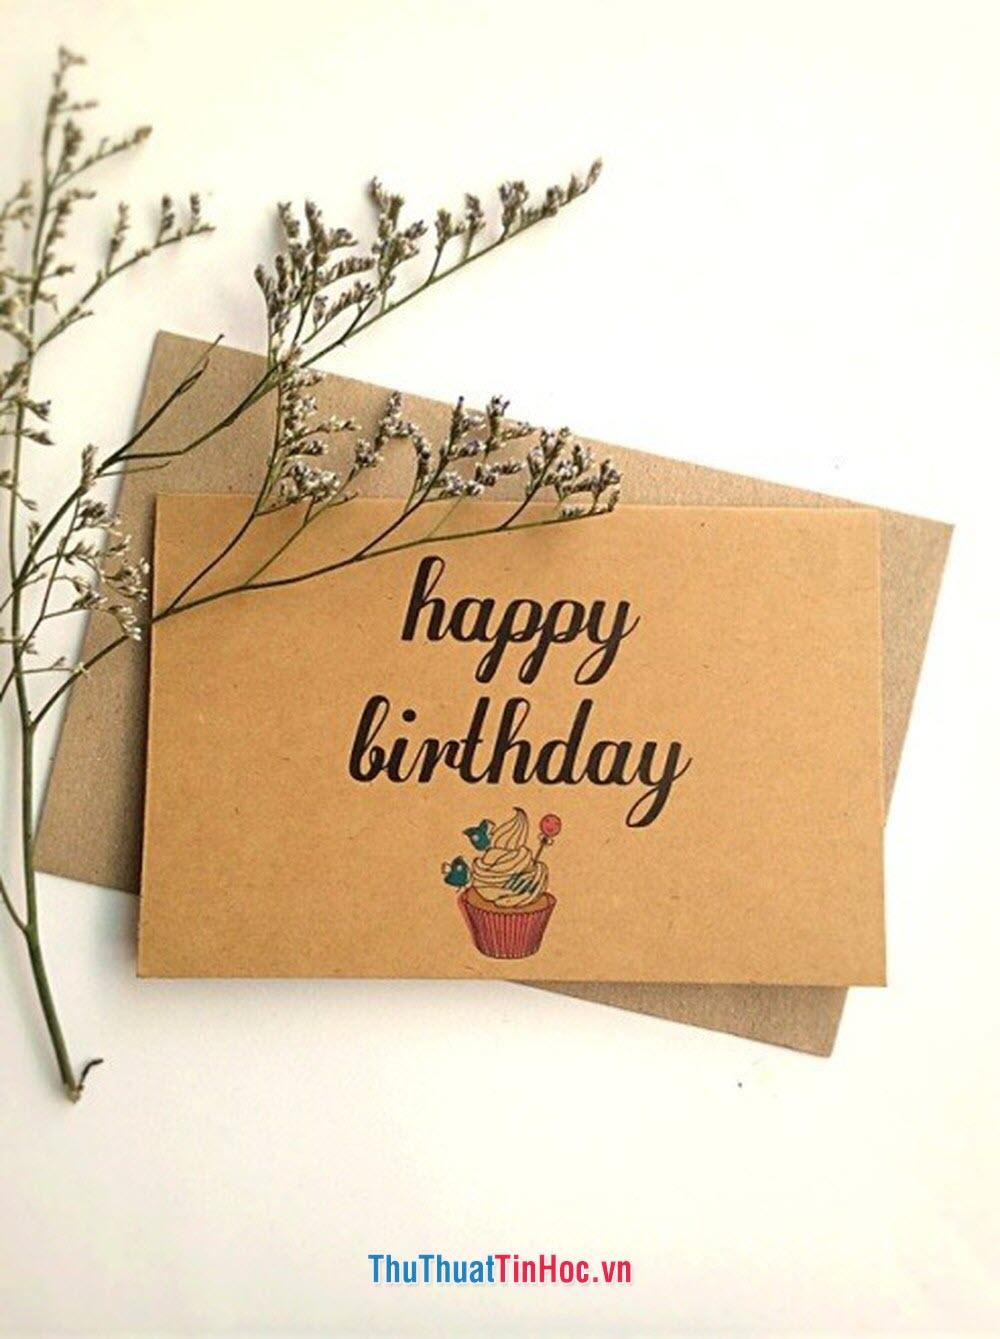 Thơ chúc mừng sinh nhật người yêu